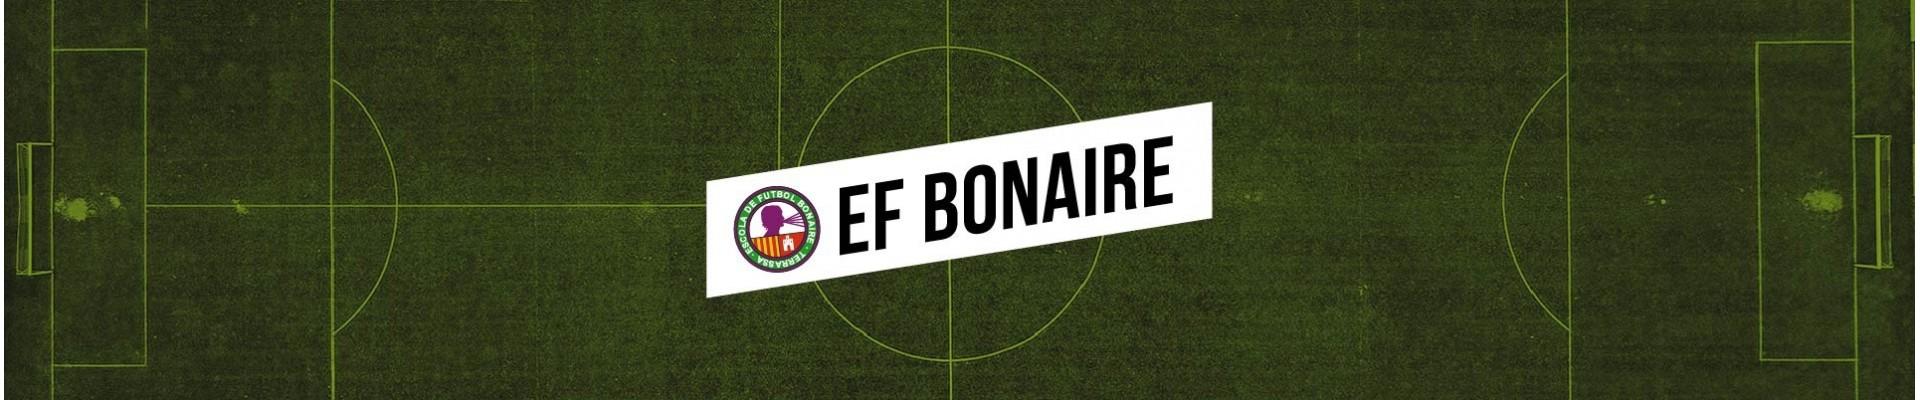 EF BONAIRE